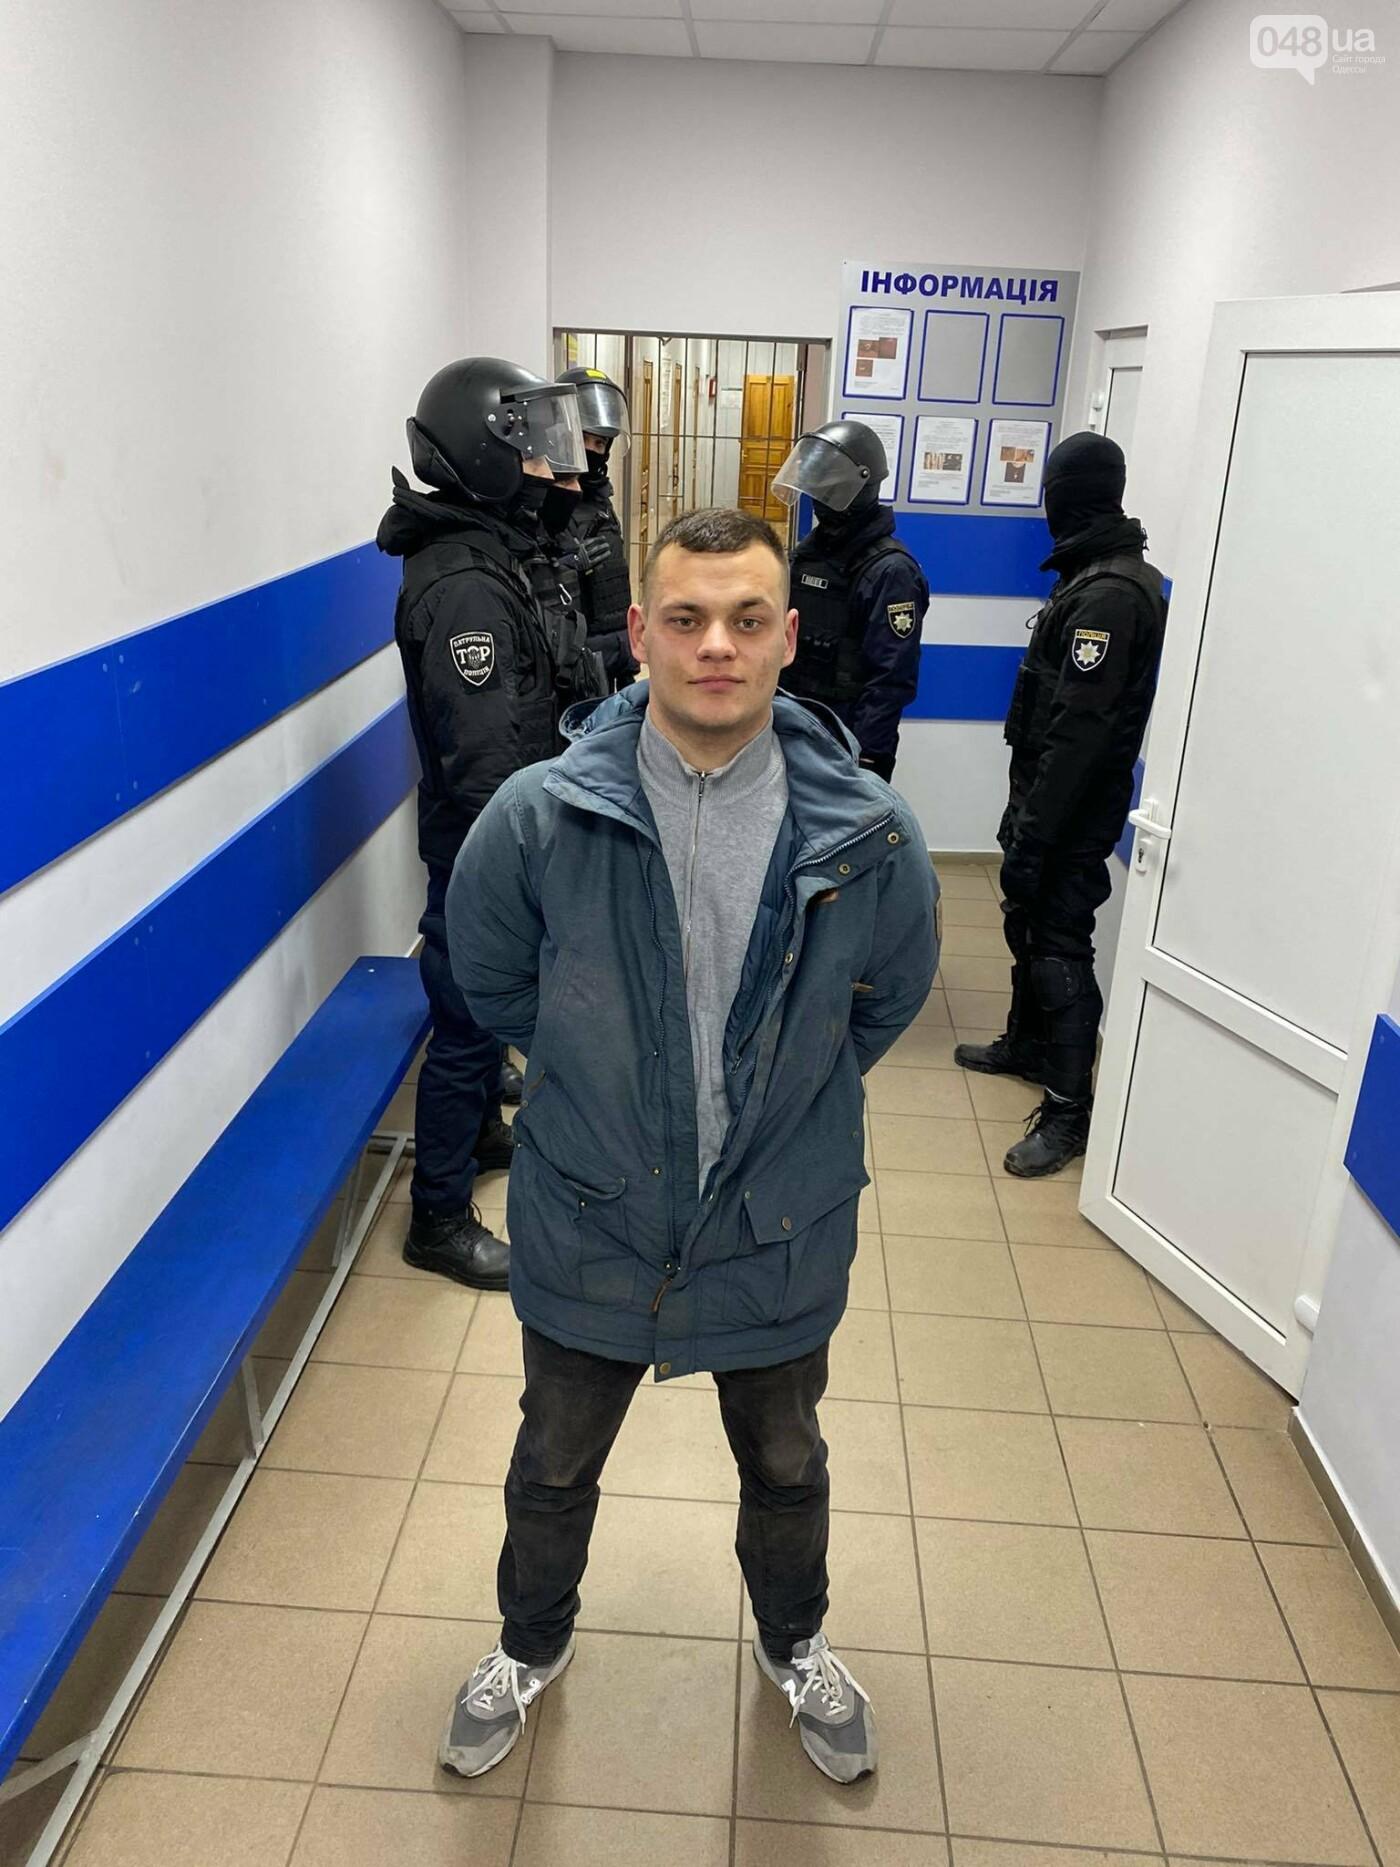 Стало известно, кого и за что задержали после приговора Стерненко в Одессе,- ФОТО, ВИДЕО, фото-1